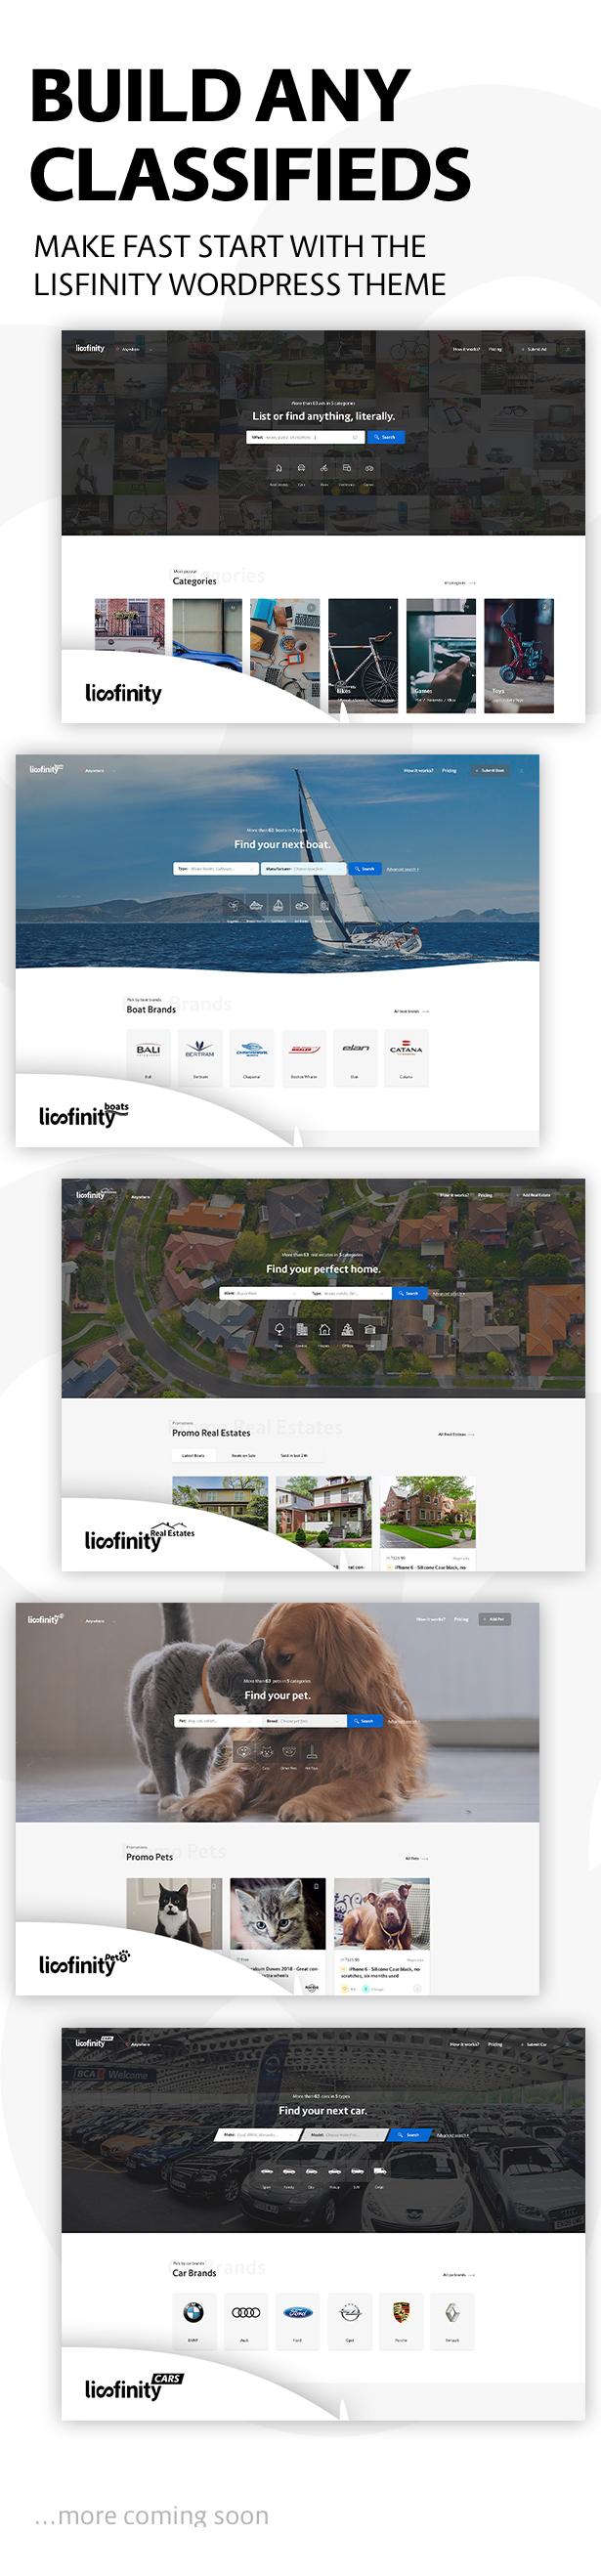 Lisfinity - Classified Ads WordPress Theme - 10